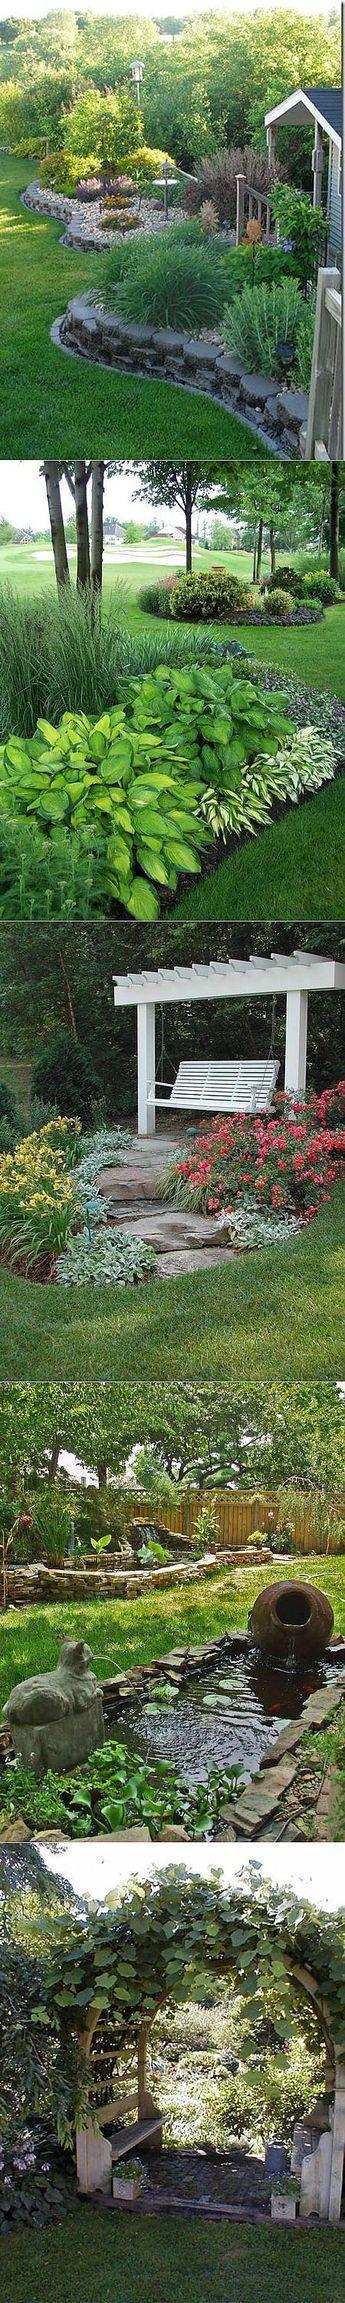 Как самому сделать красивый дизайн дачного участка: 12 советов профессионалов #flowerbeds